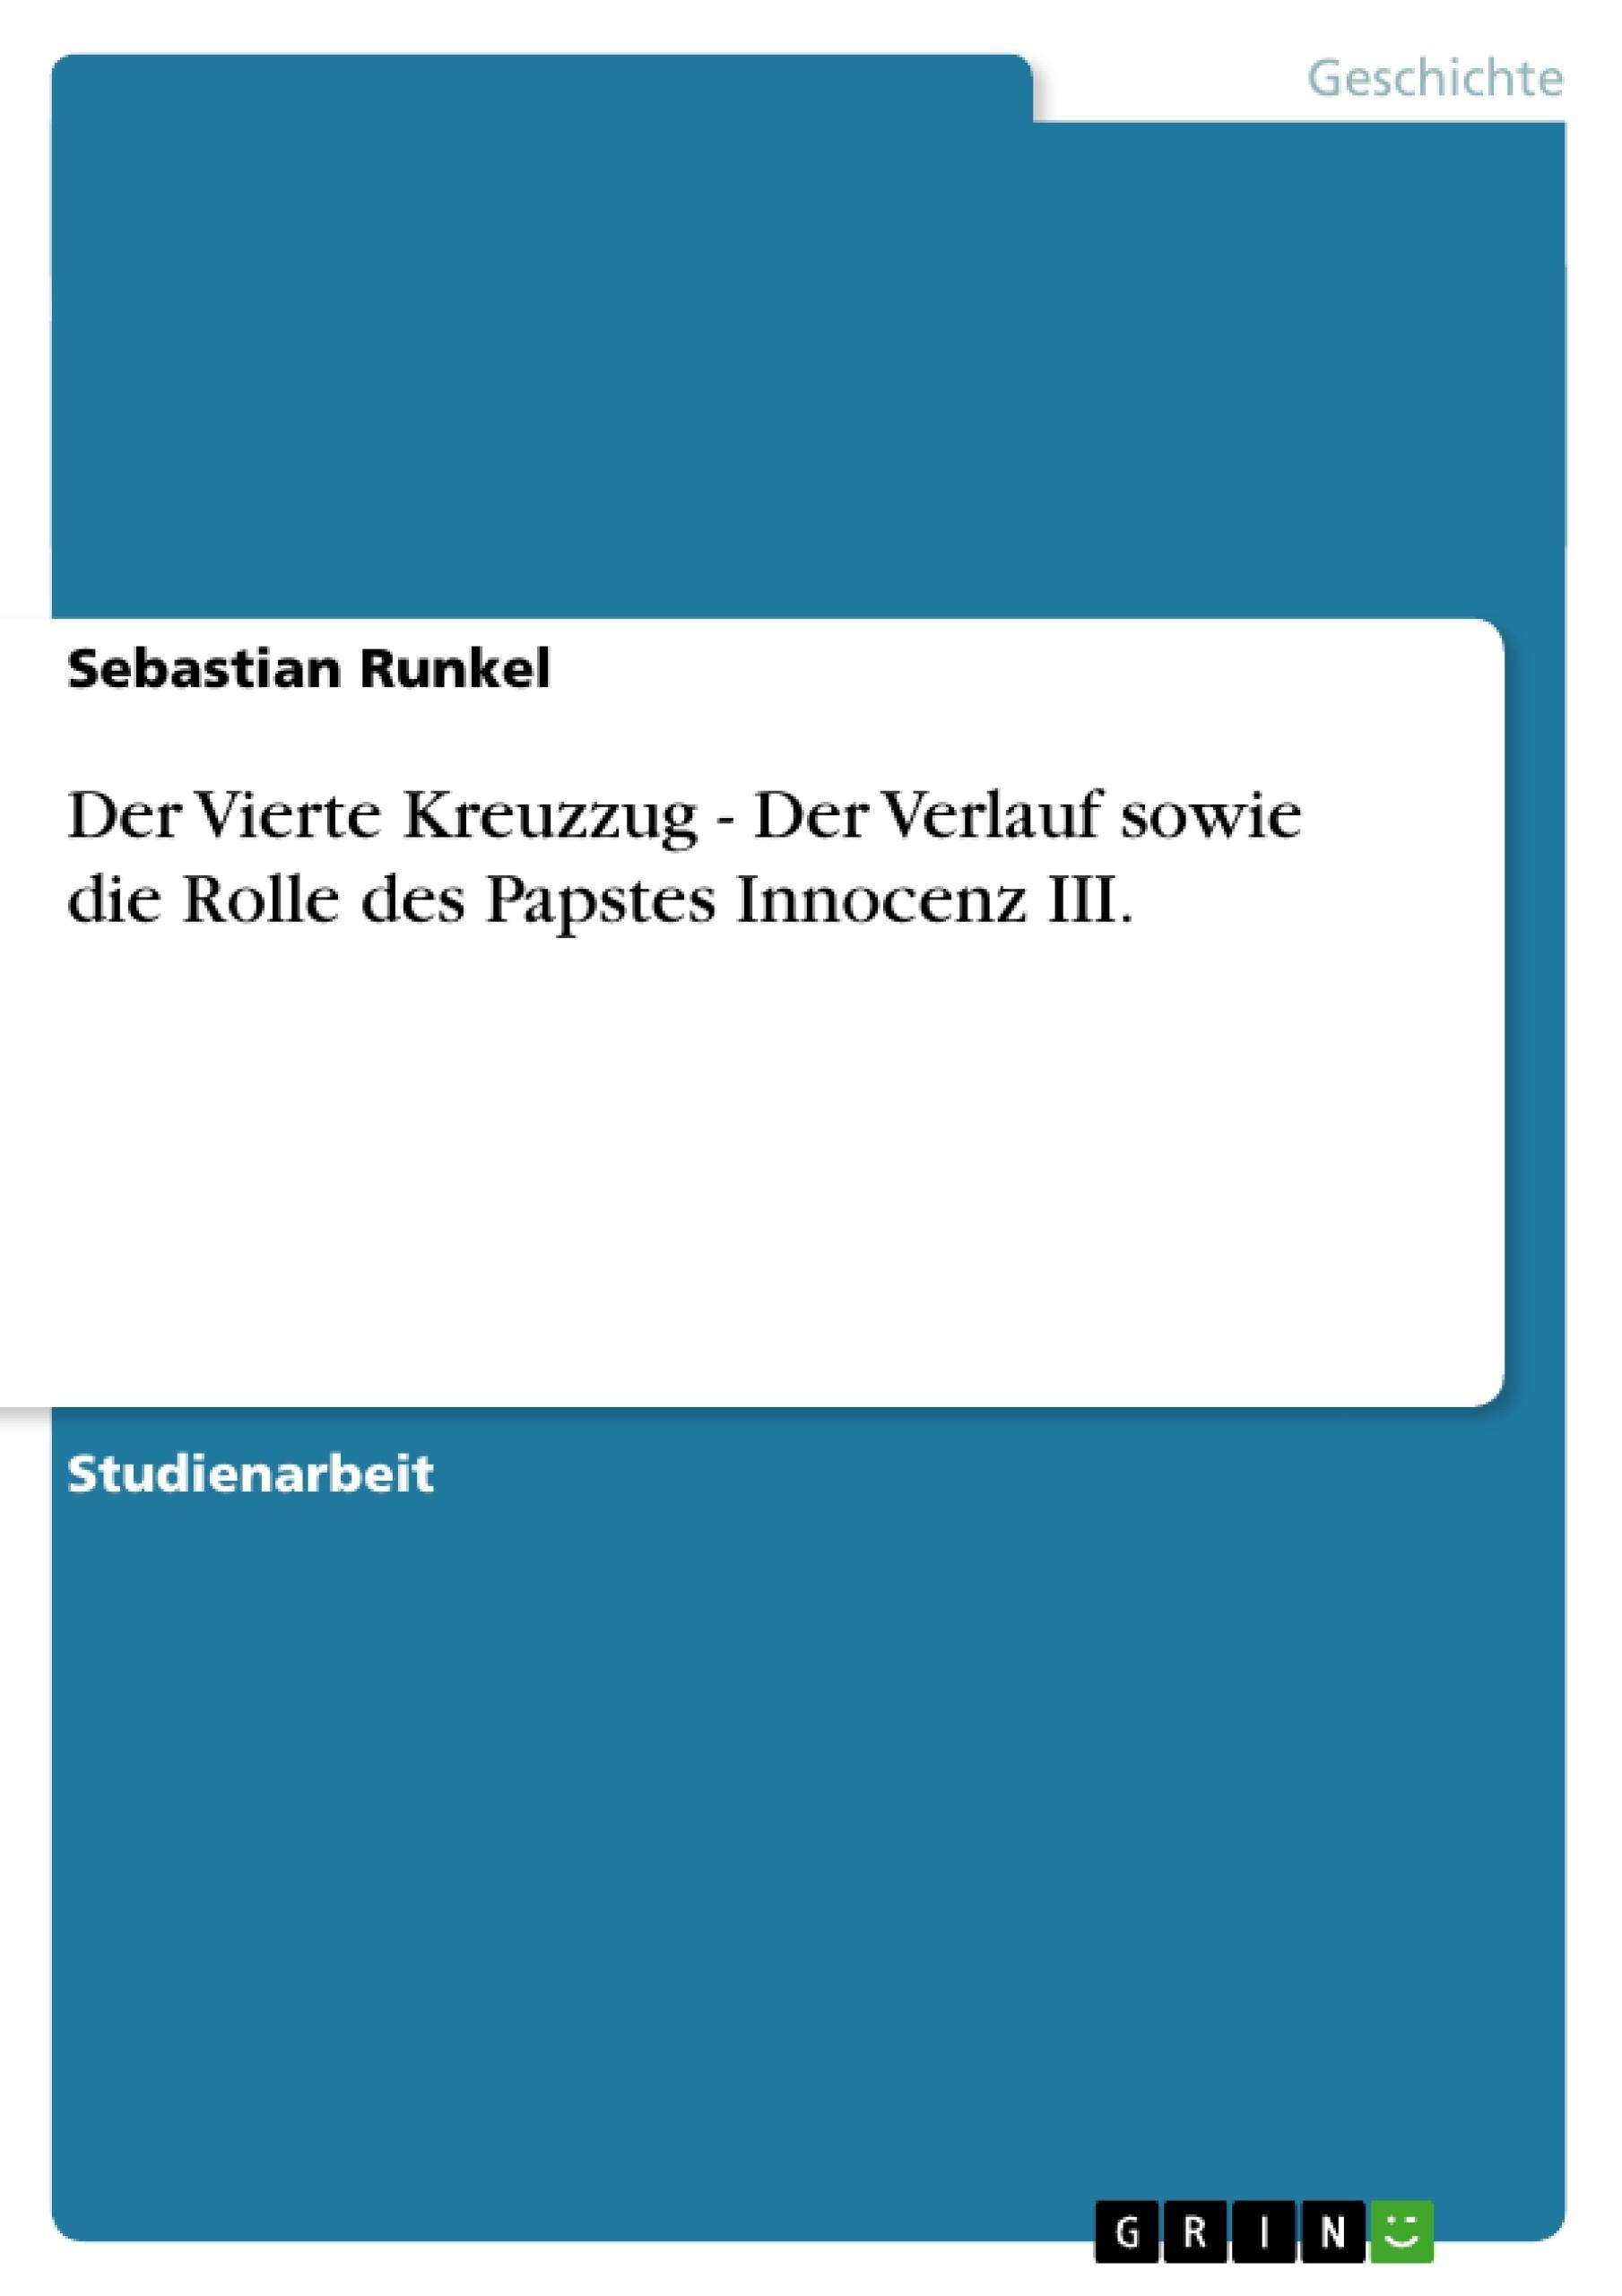 Titel: Der Vierte Kreuzzug - Der Verlauf sowie die Rolle des Papstes Innocenz III.